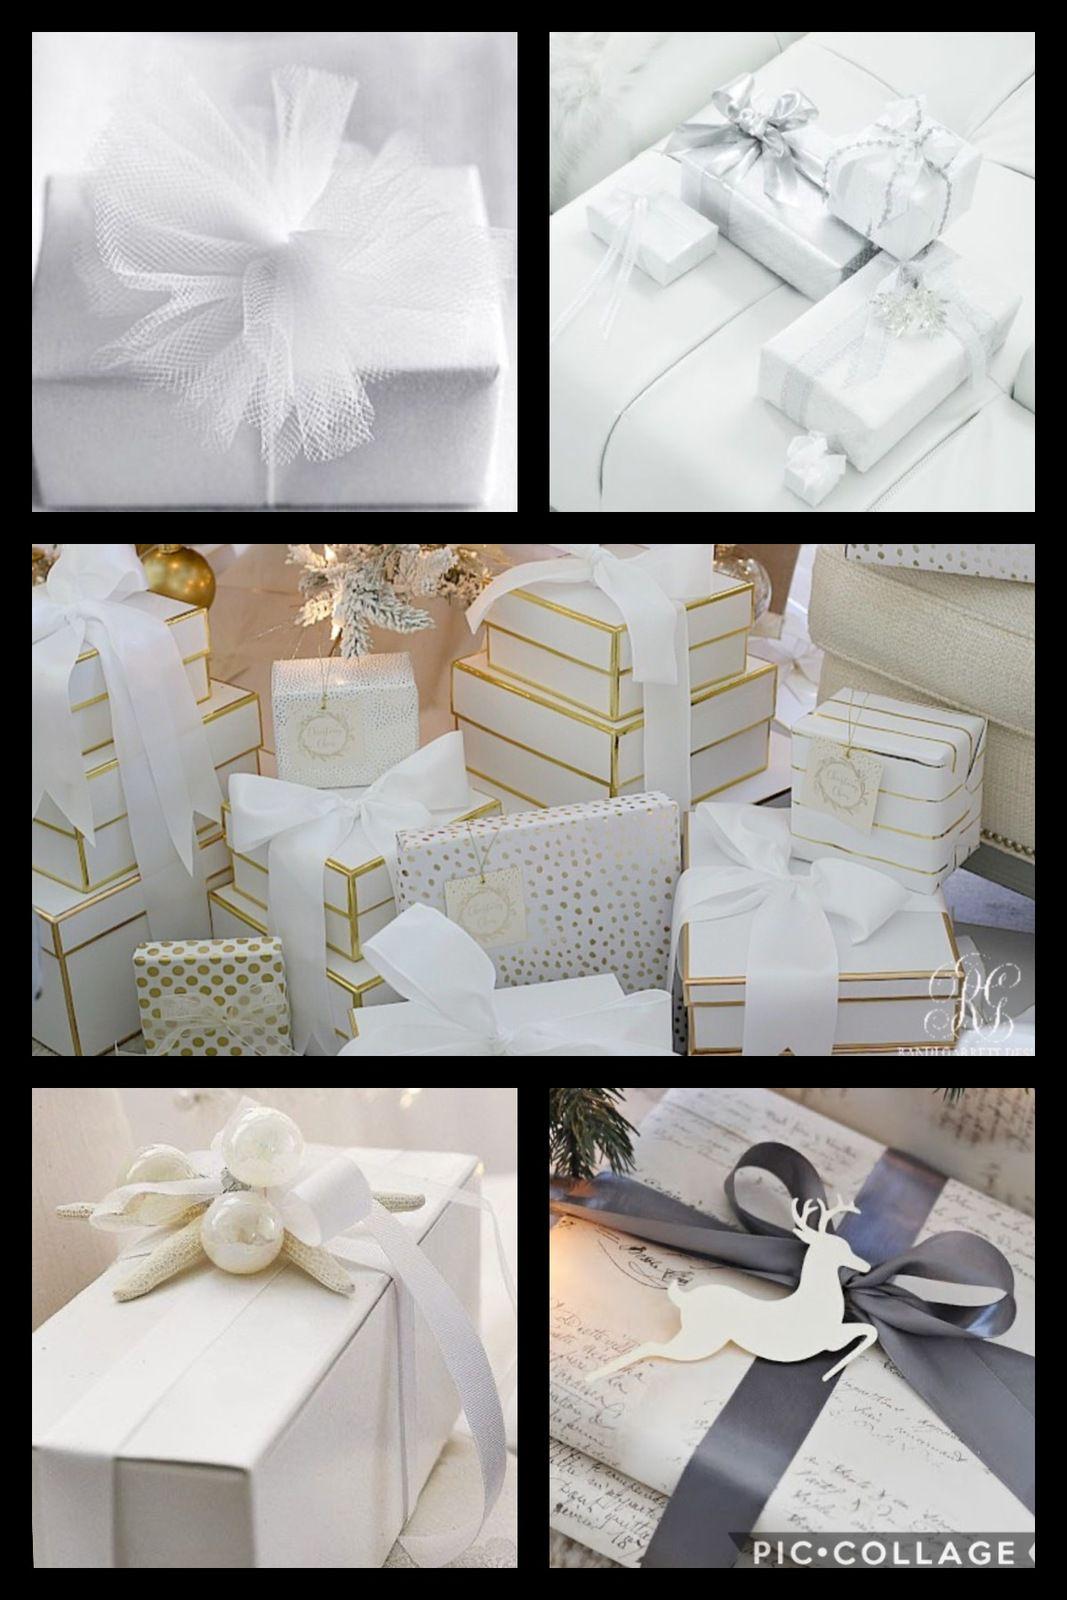 Misez sur des papiers cadeaux blancs, rubans satin blancs ou  gris pour créer de la féerie. (Photos source pinterest)